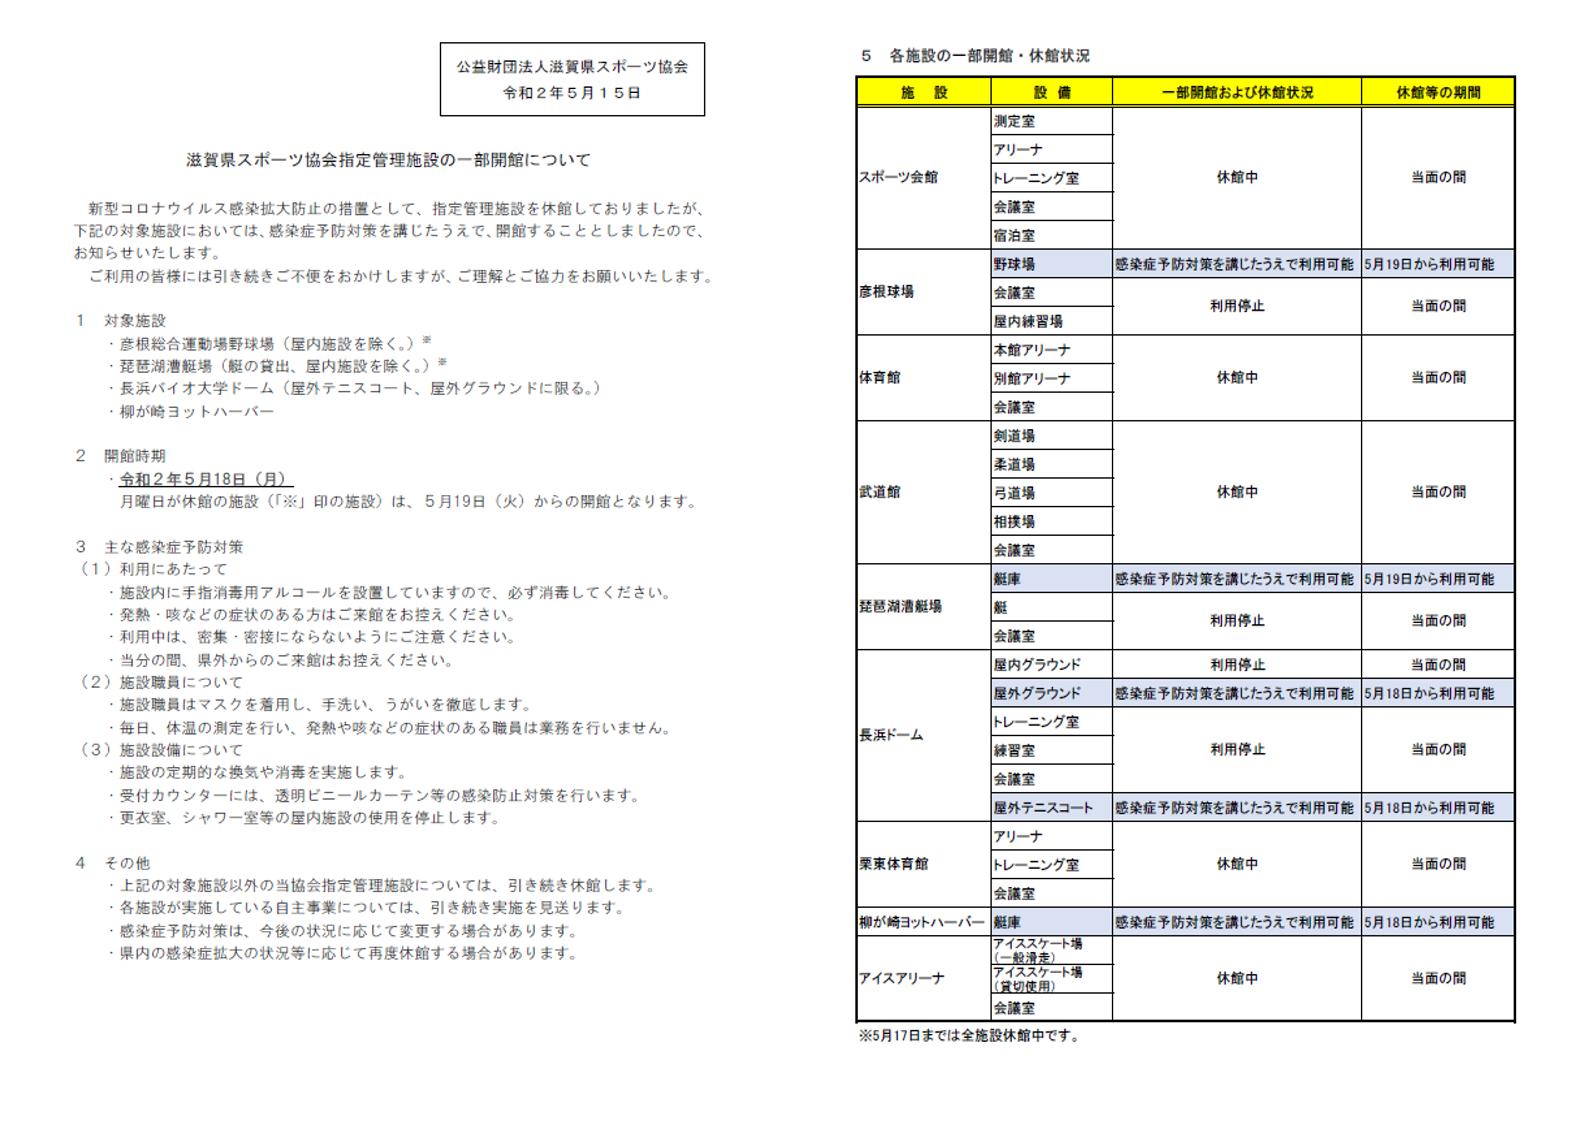 滋賀県スポーツ協会指定管理施設の一部開館について